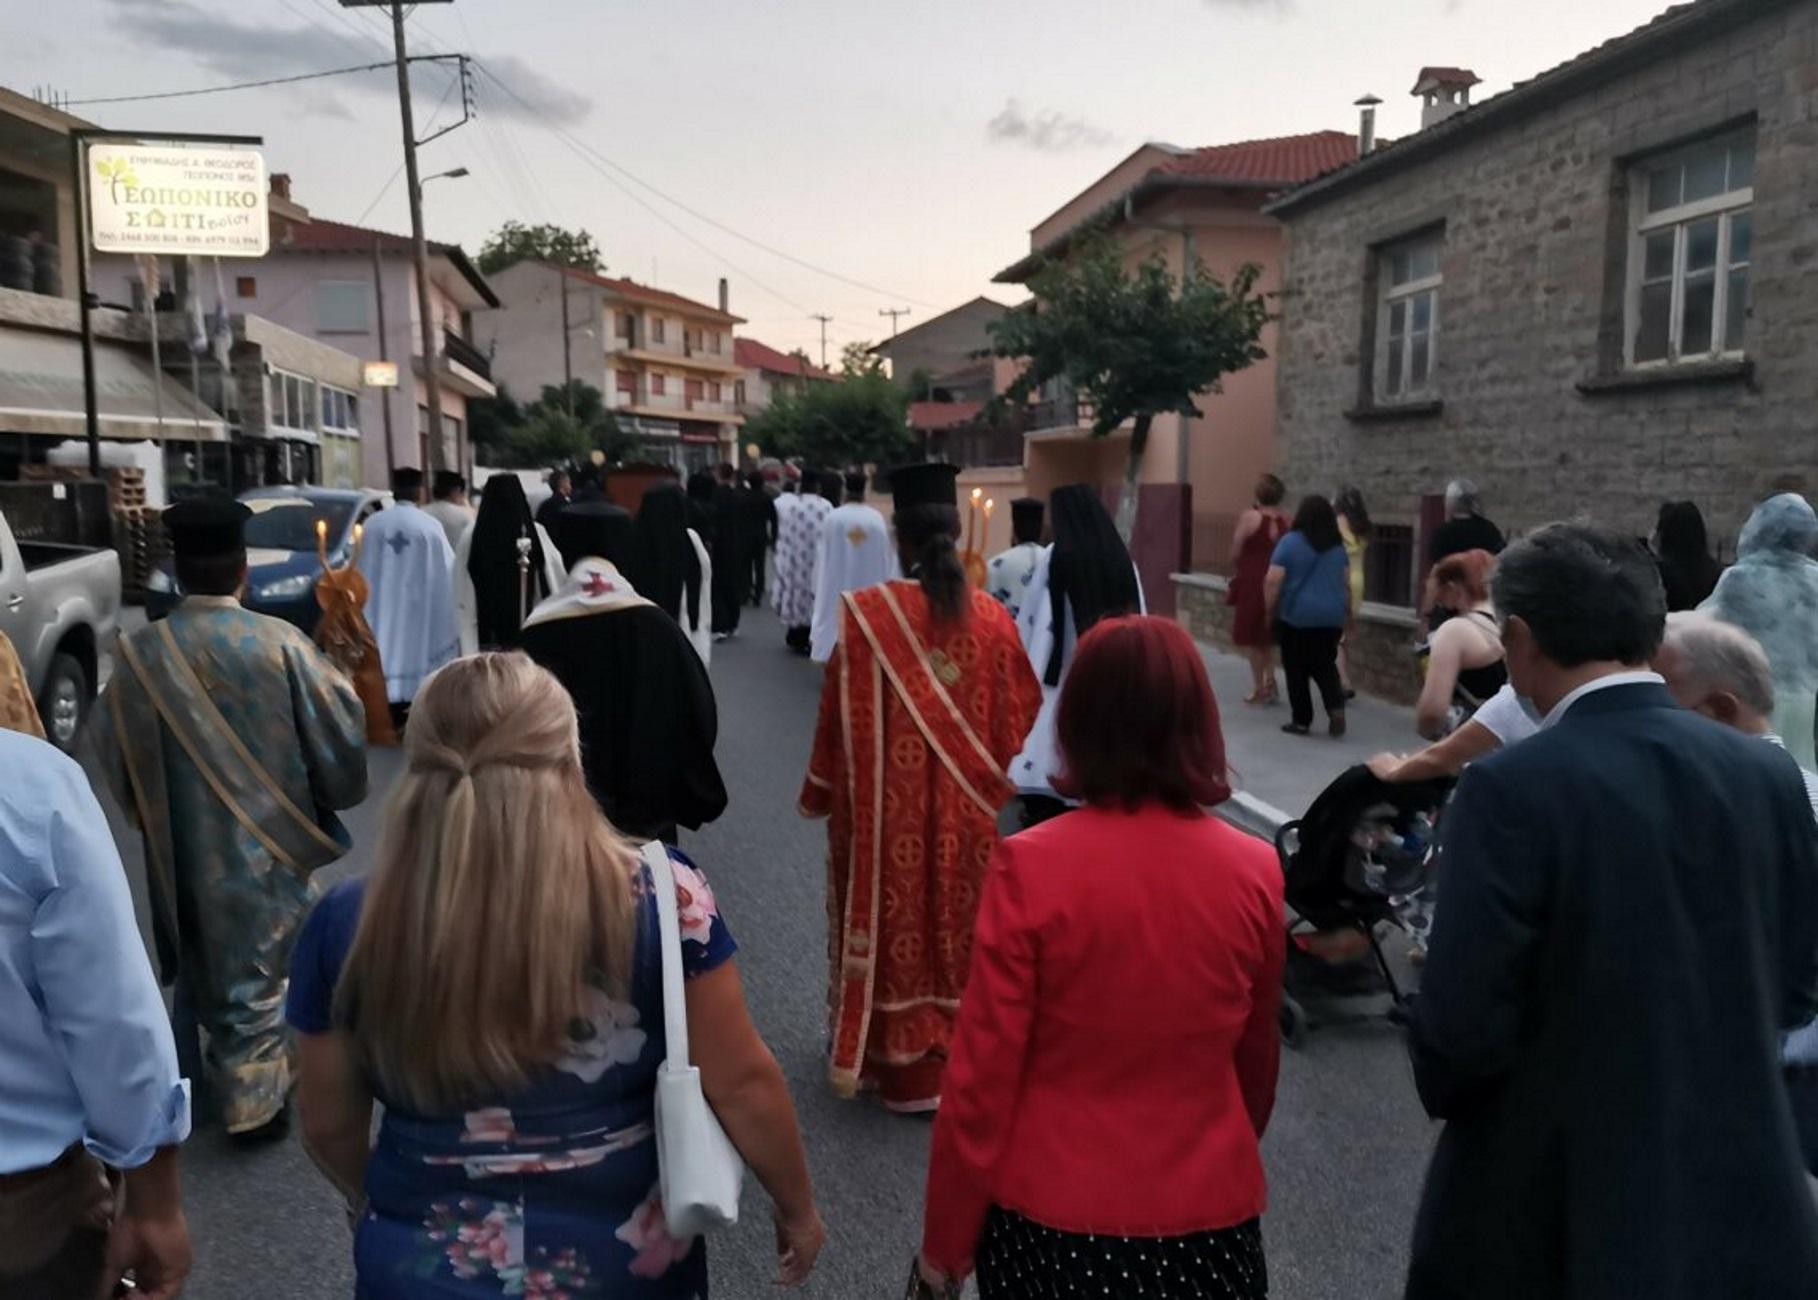 Κοζάνη: Πρόστιμο στον ιερέα για τη λιτανεία εικόνας της Αγίας Μαρίνας – Οι παρουσίες που συζητήθηκαν